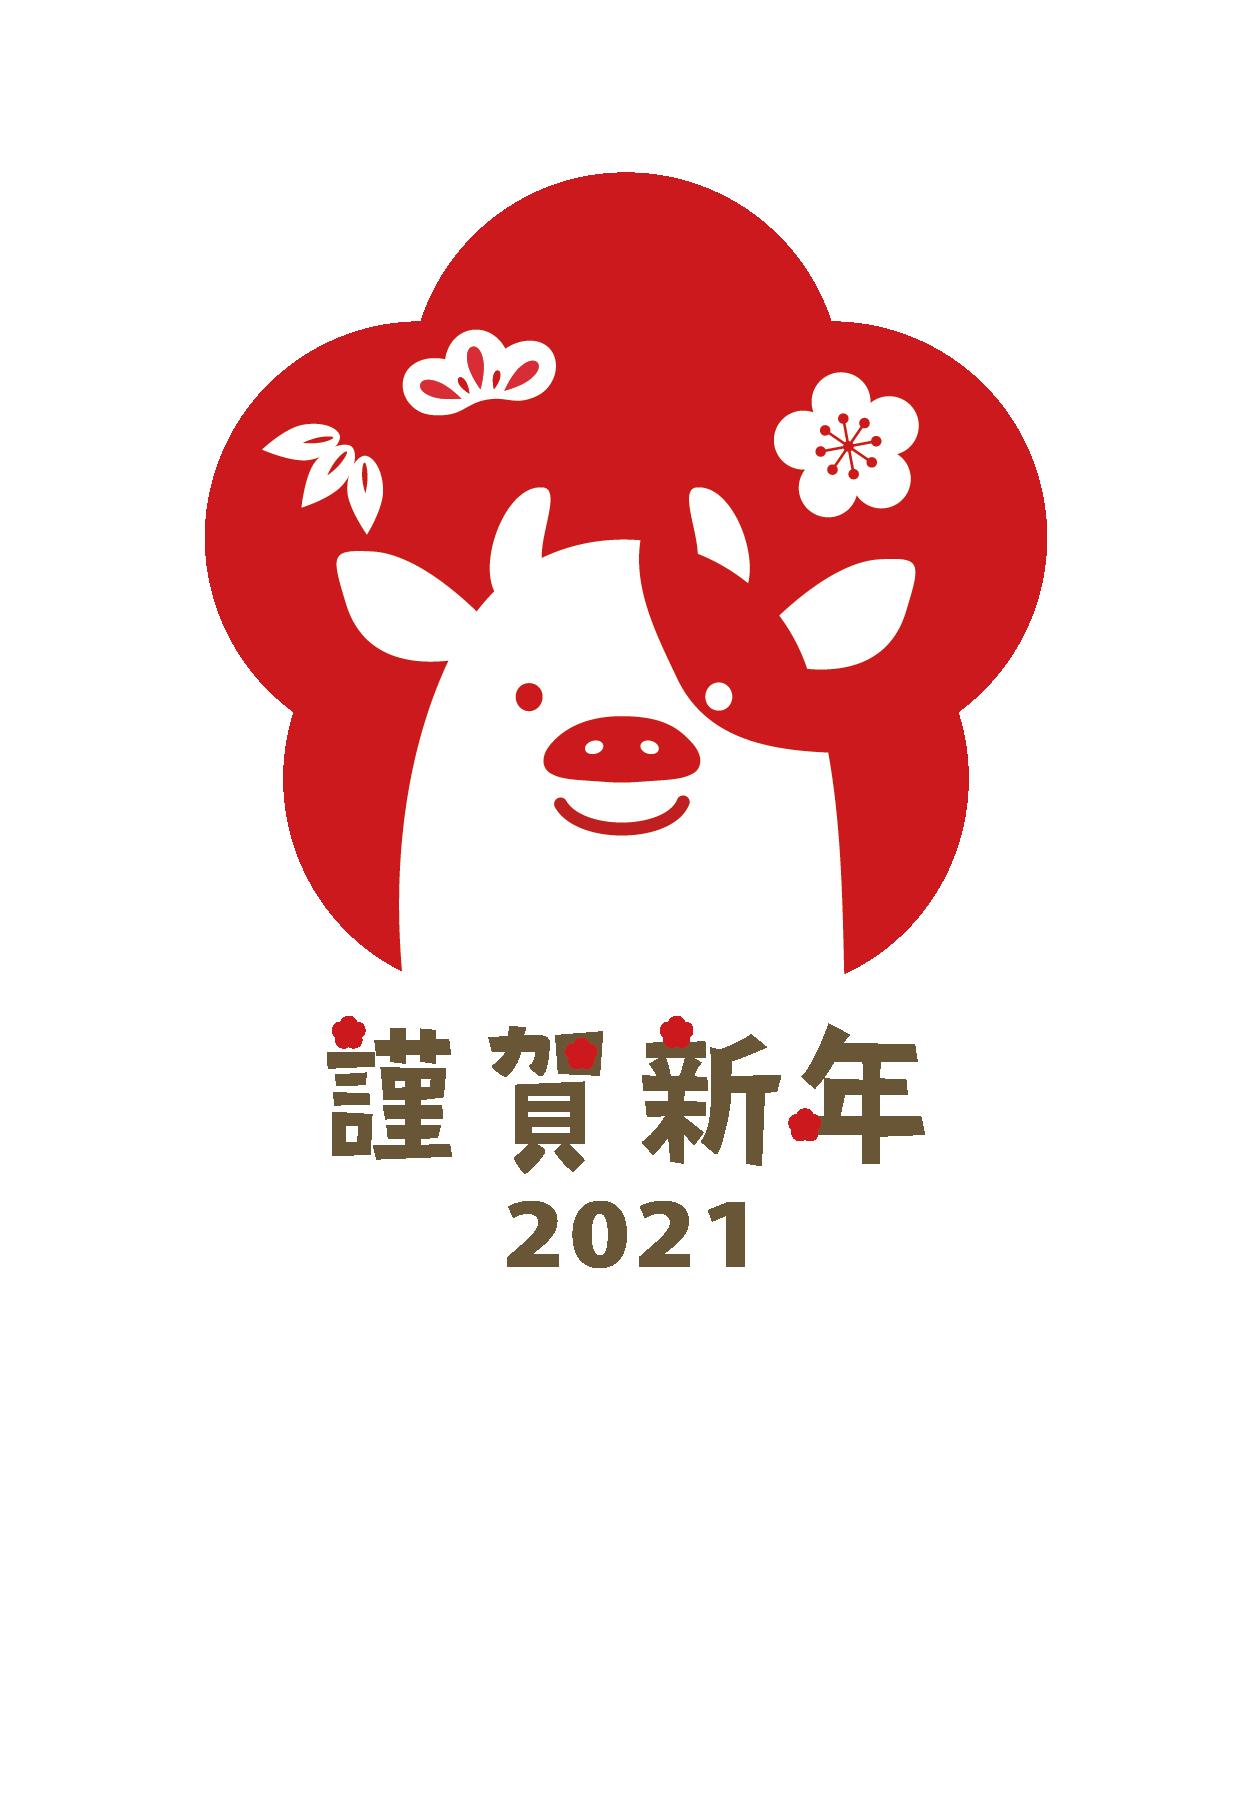 手書き&写真・画像対応!梅と牛の2021年賀状の無料テンプレート